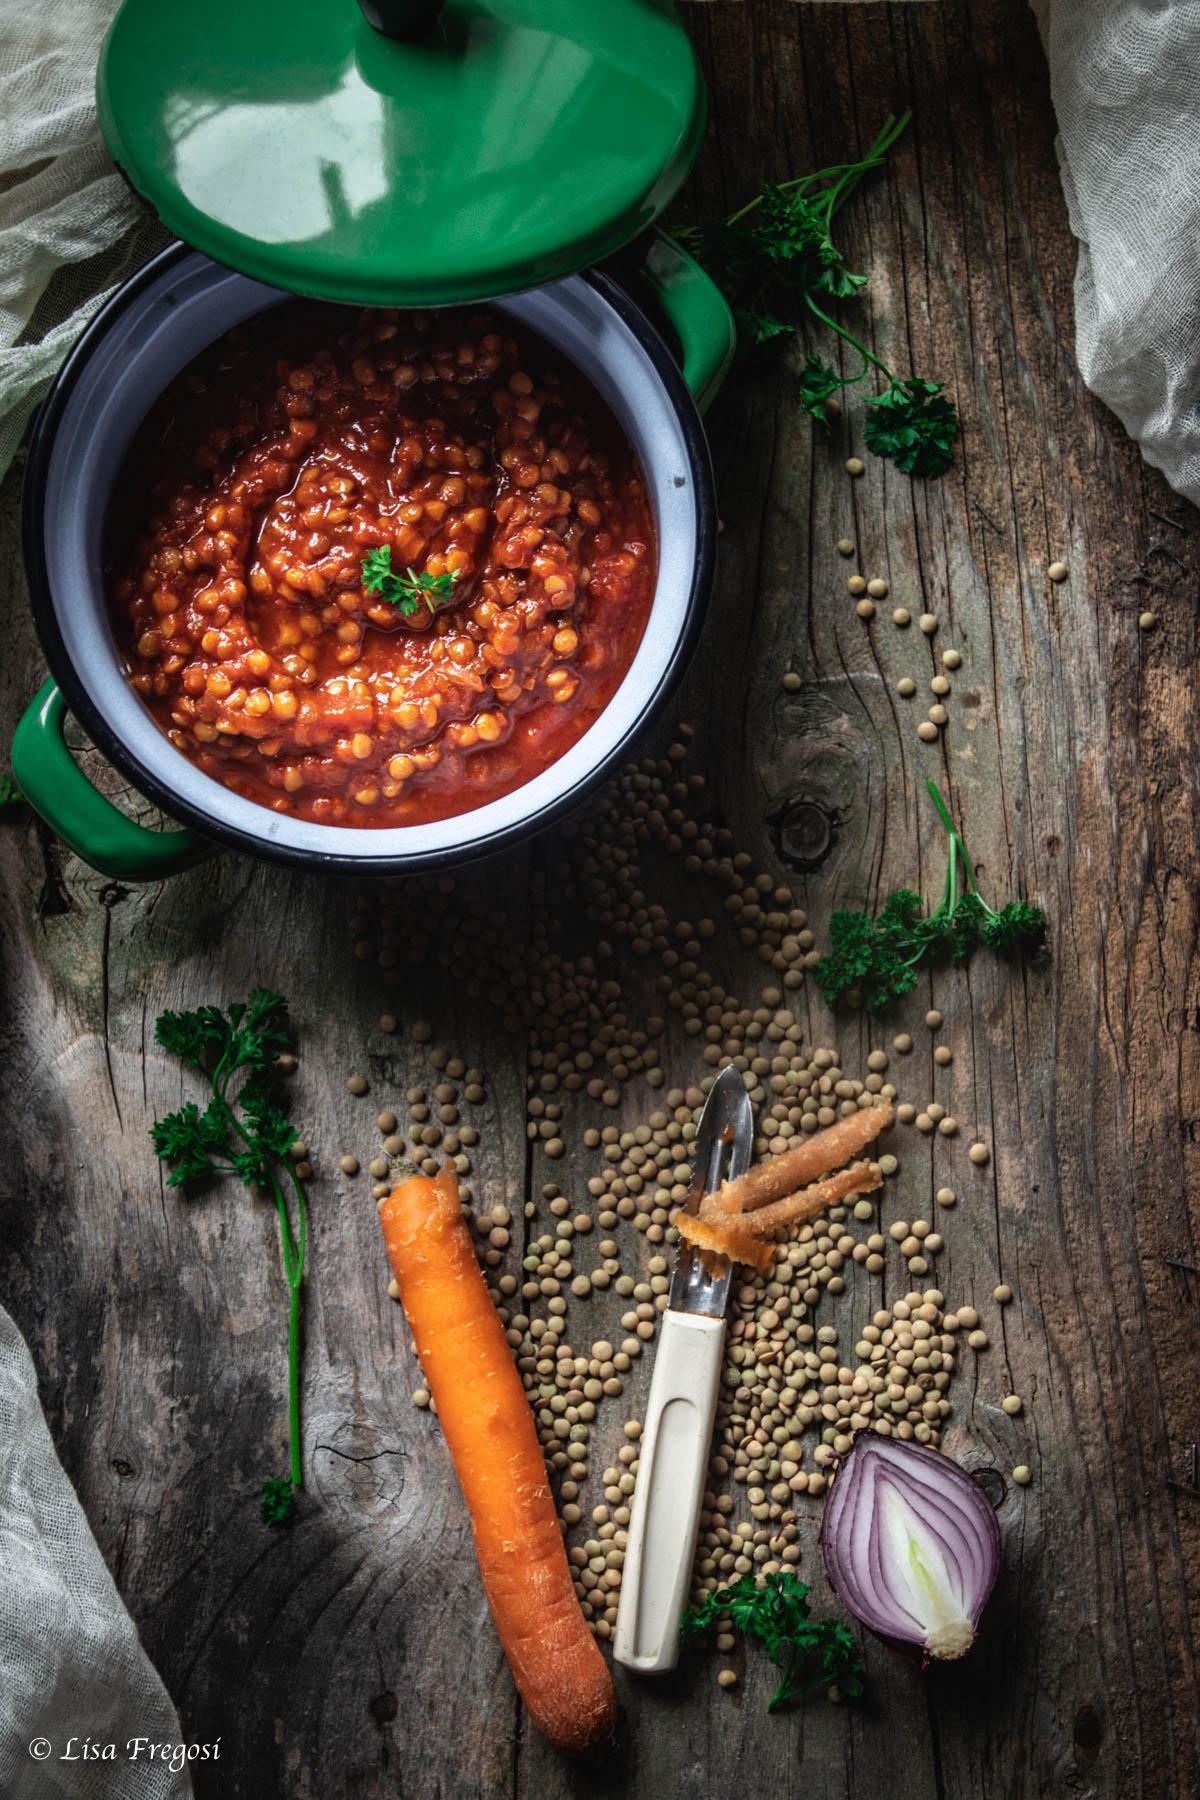 Il ragù di lenticchie è buonissimo anche mangiato così, trasformato in zuppa. Per ottenere una zuppa cremosa frullate una piccola parte di lenticchie cotte e aggiungetele nuovamente nella pentola del ragù insieme a due mestoli abbondanti di brodo e fate cuocere qualche minuto per far amalgamare bene gli ingredienti, avrete un'ottima zuppa da assaporare.